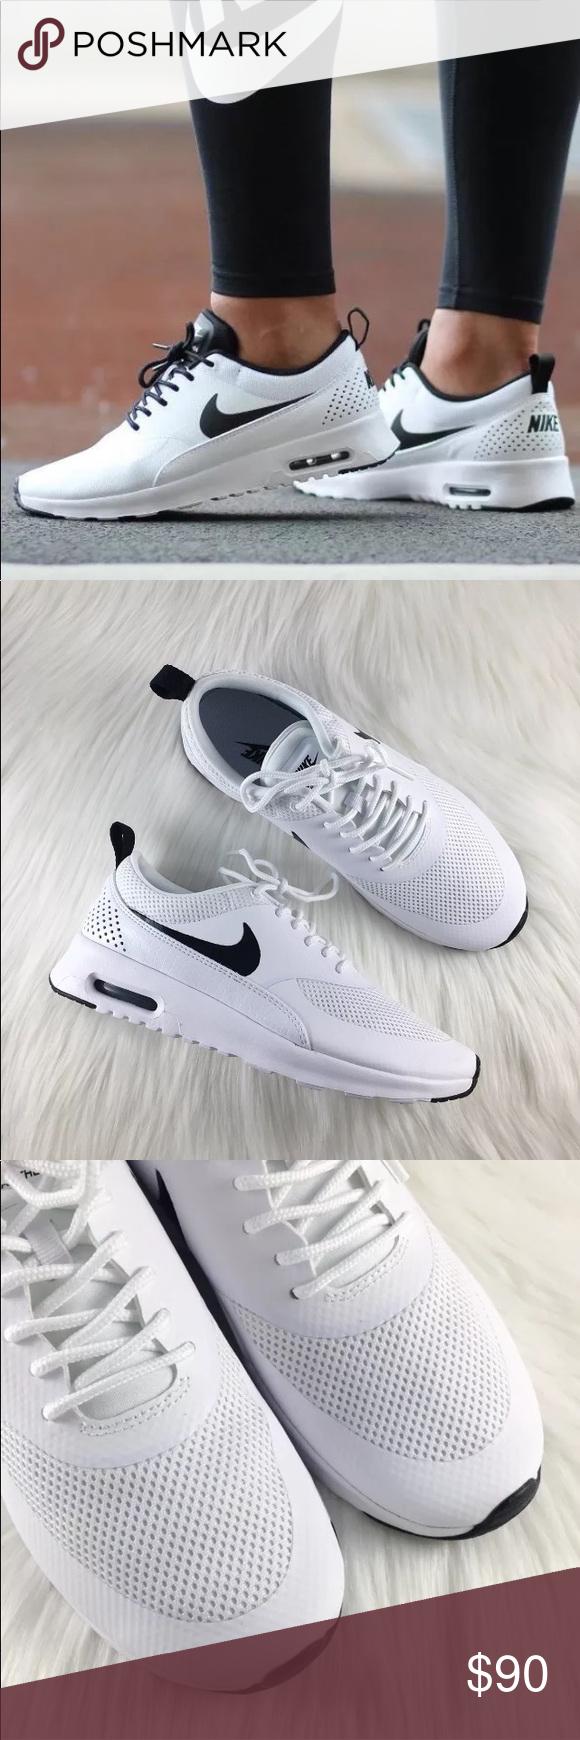 le nike air max thea white   nero scarpe neri scarpe